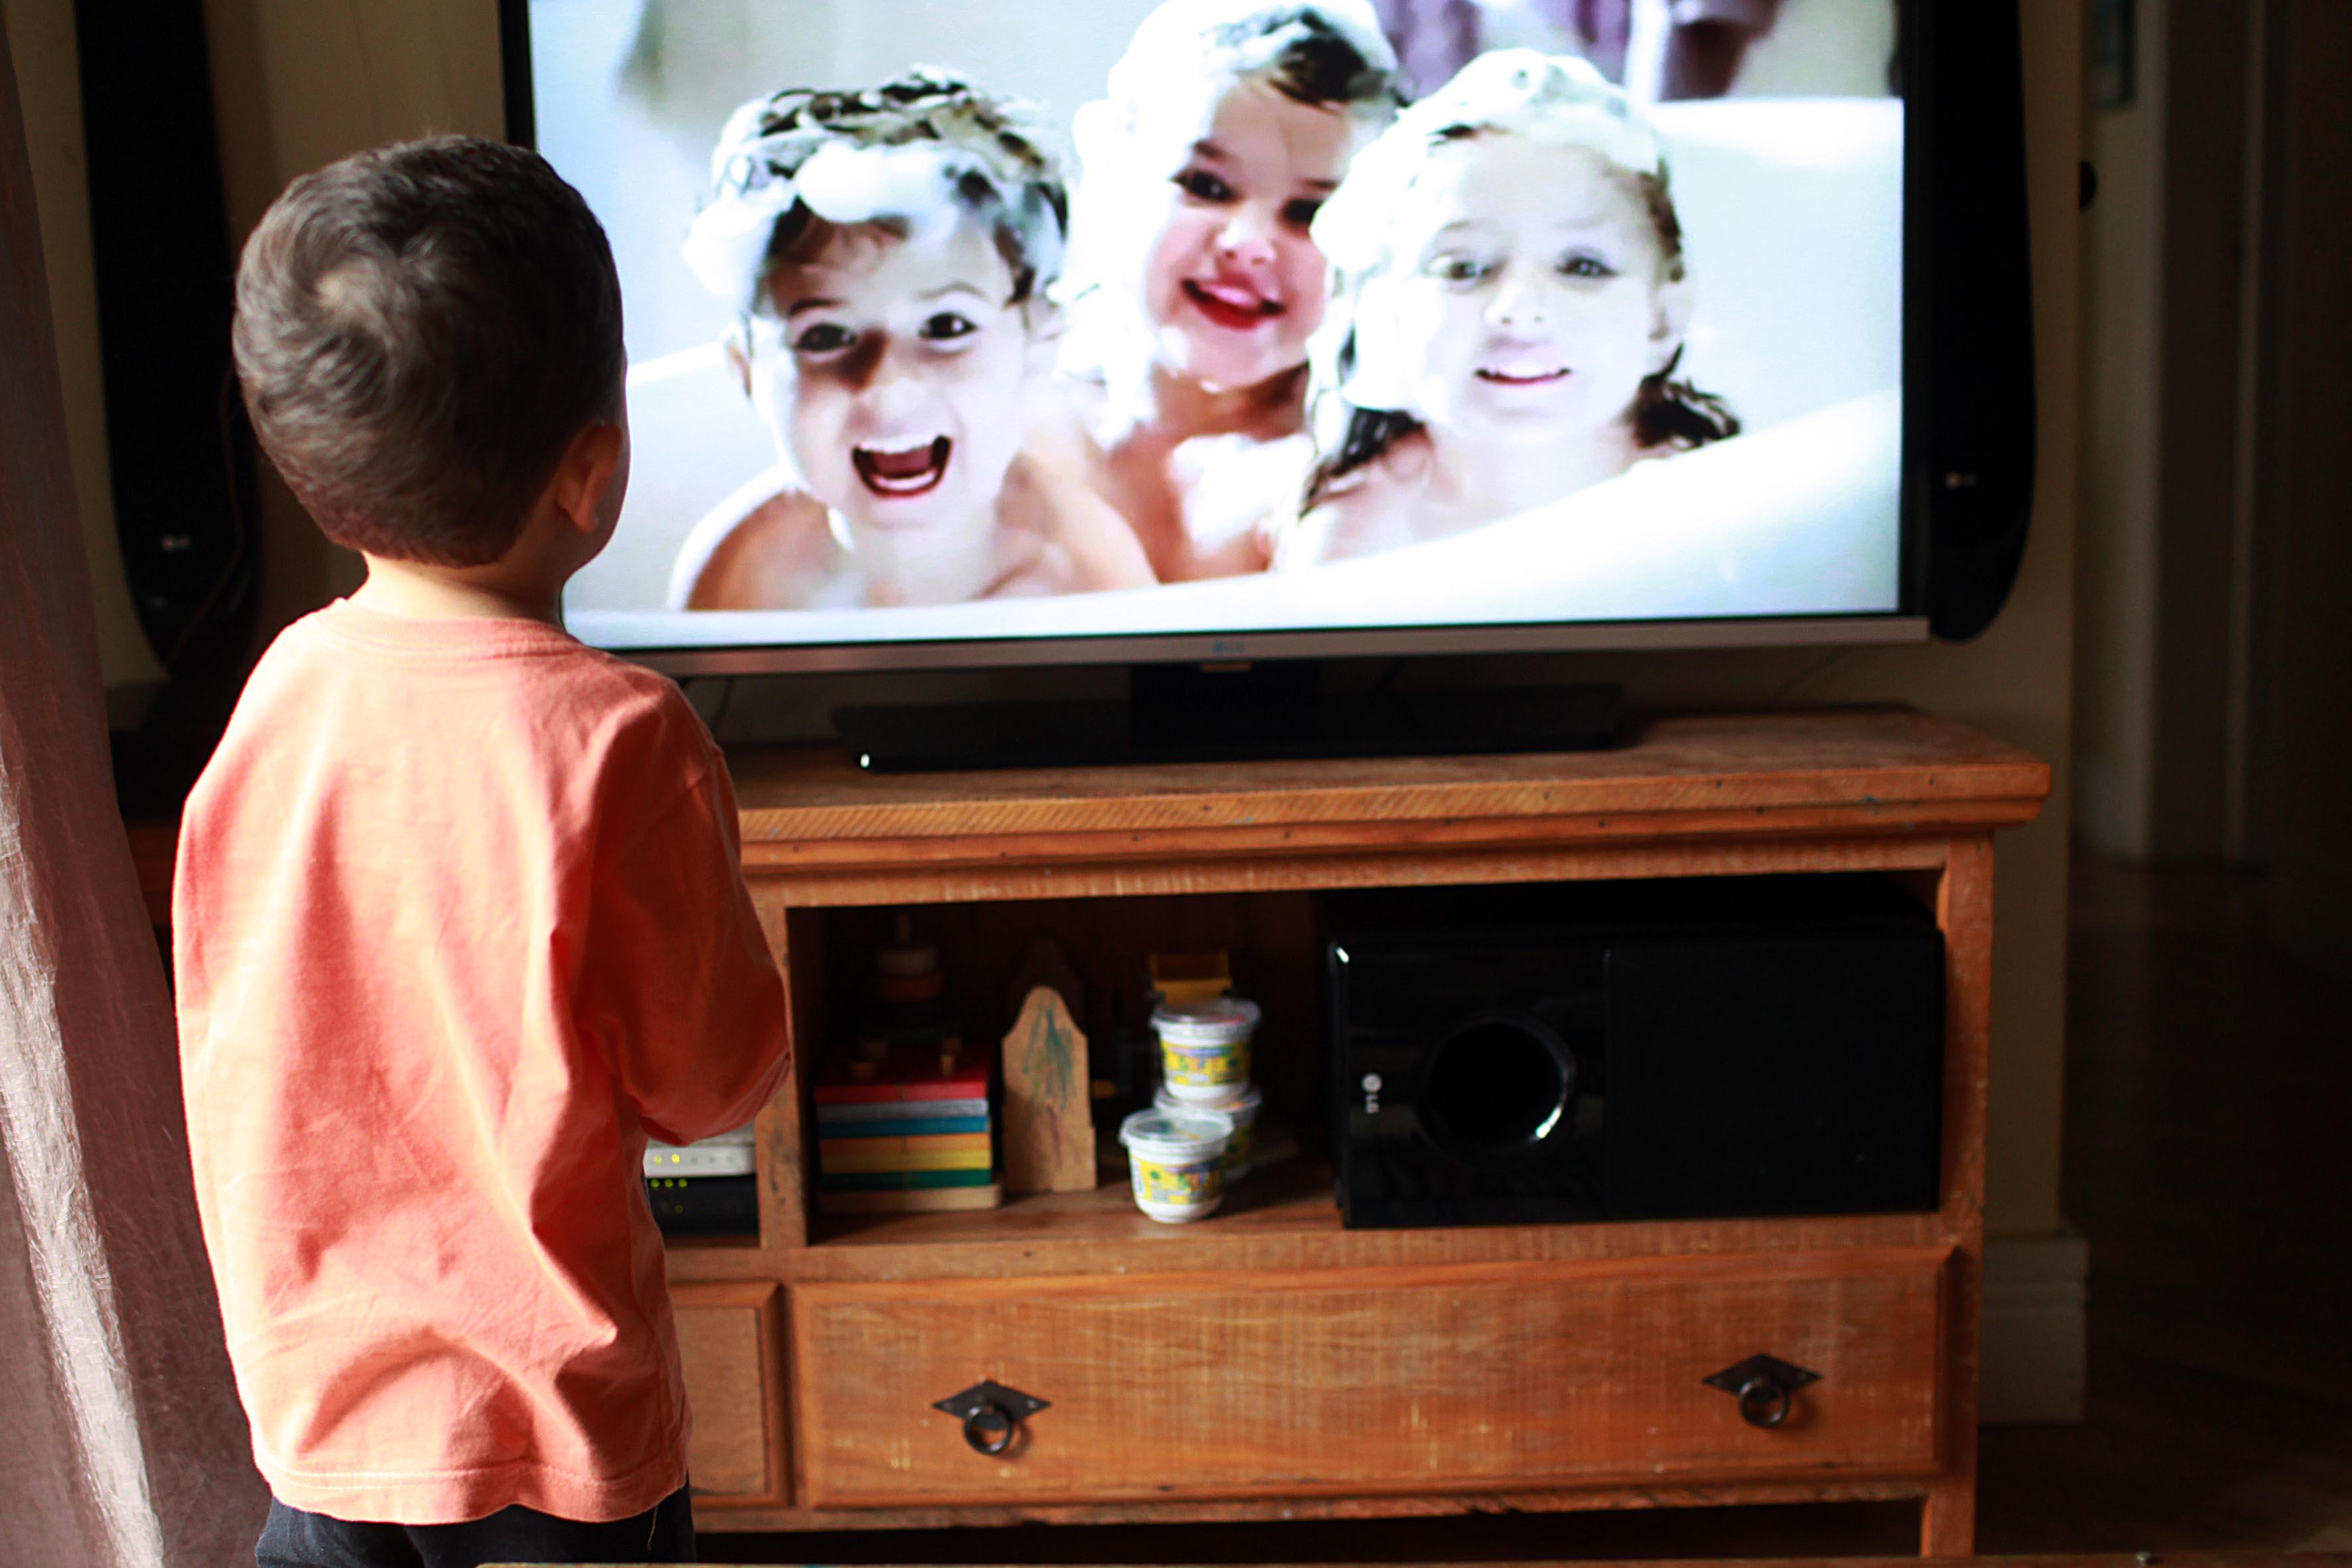 Crianças passam horas vendo propagandas na TV (Foto: Mães de Peito)